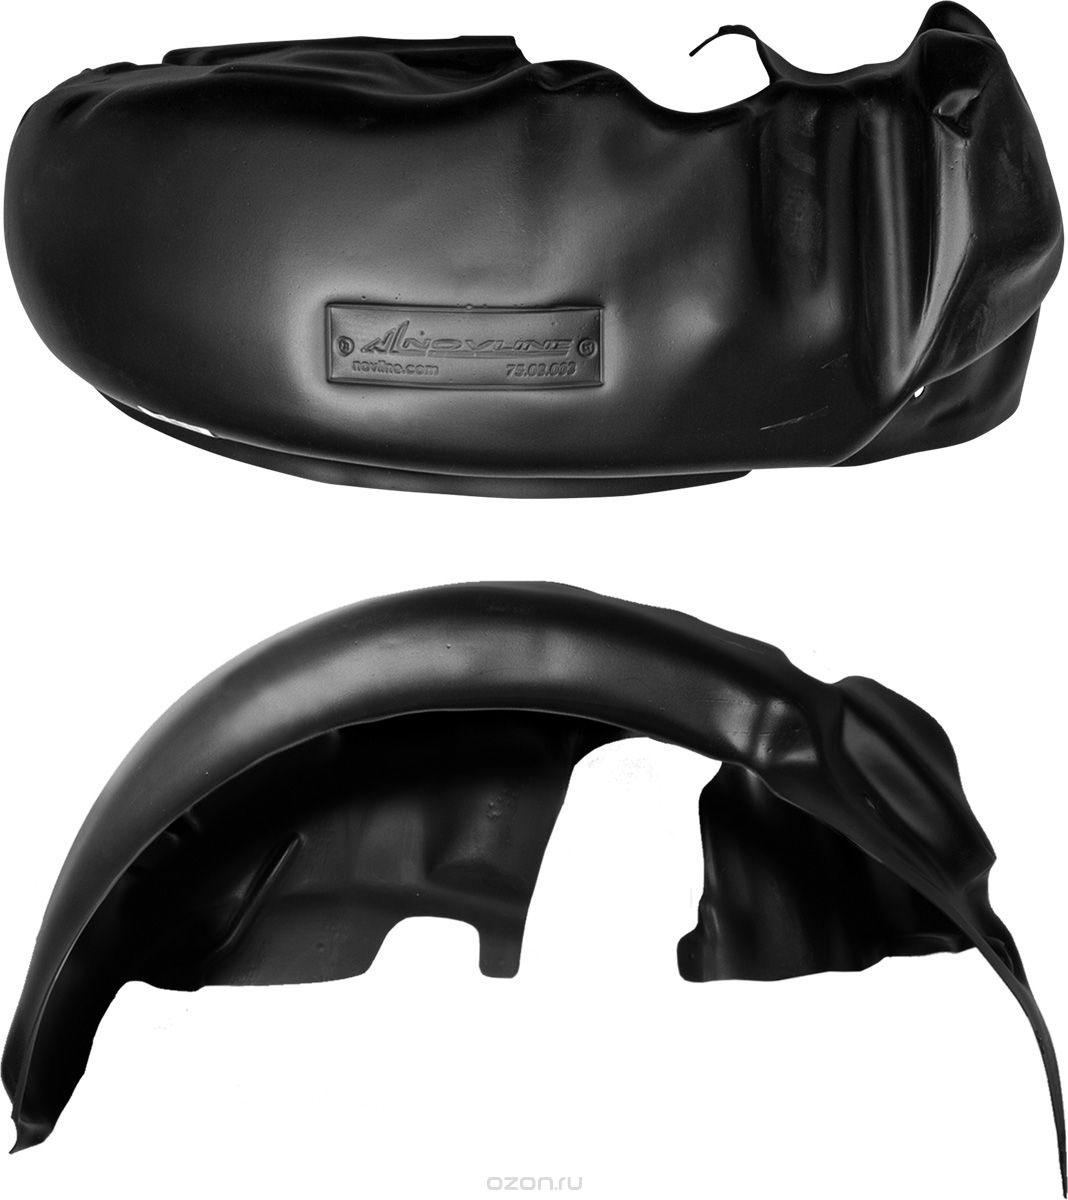 Подкрылок Novline-Autofamily, для ACURA MDX, 2014->, задний левый42305008Идеальная защита колесной ниши. Локеры разработаны с применением цифровых технологий, гарантируют максимальную повторяемость поверхности арки. Изделия устанавливаются без нарушения лакокрасочного покрытия автомобиля, каждый подкрылок комплектуется крепежом. Уважаемые клиенты, обращаем ваше внимание, что фотографии на подкрылки универсальные и не отражают реальную форму изделия. При этом само изделие идет точно под размер указанного автомобиля.